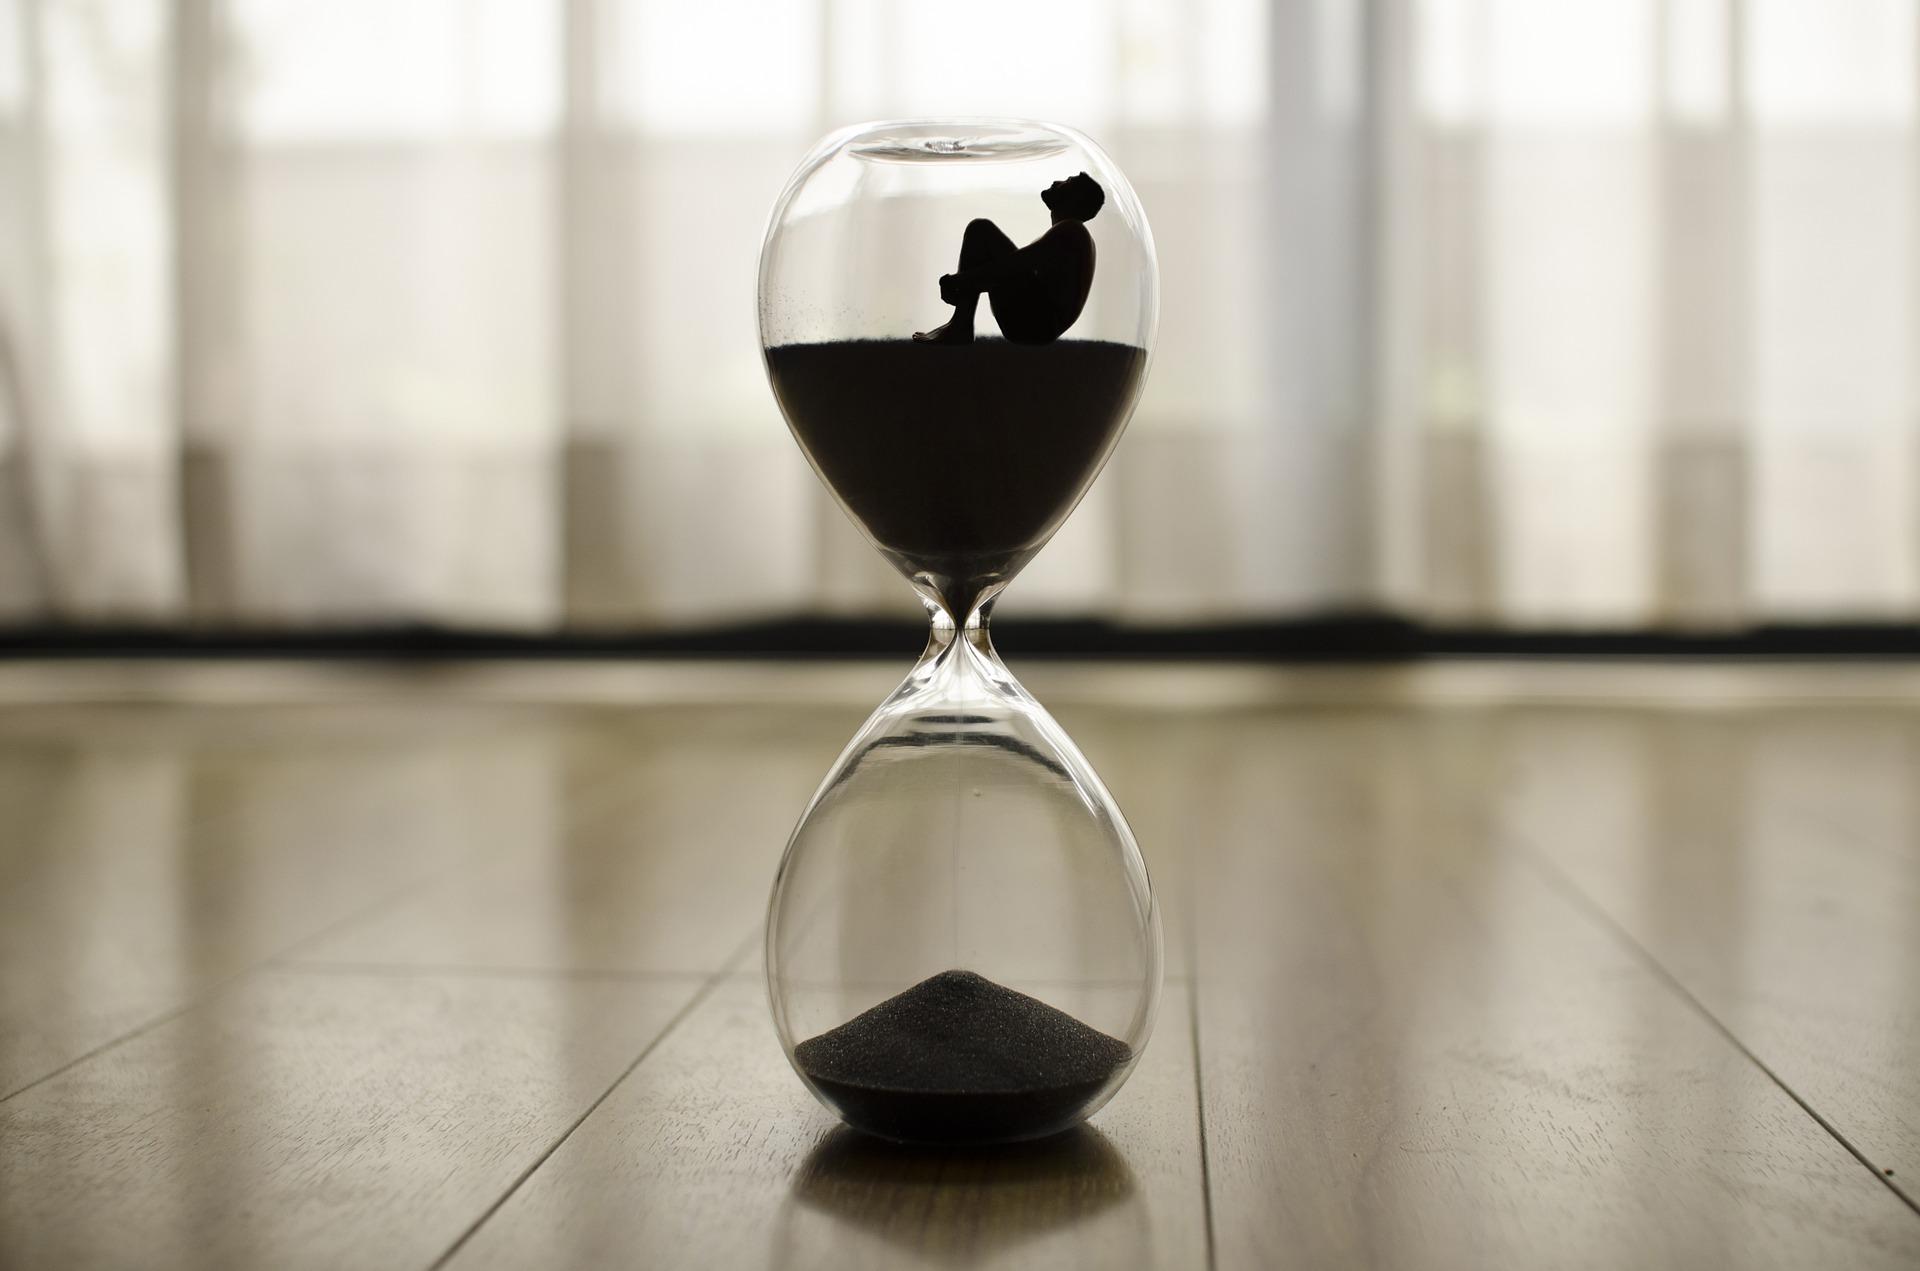 Zeit – Ein Stressfaktor für viele Menschen